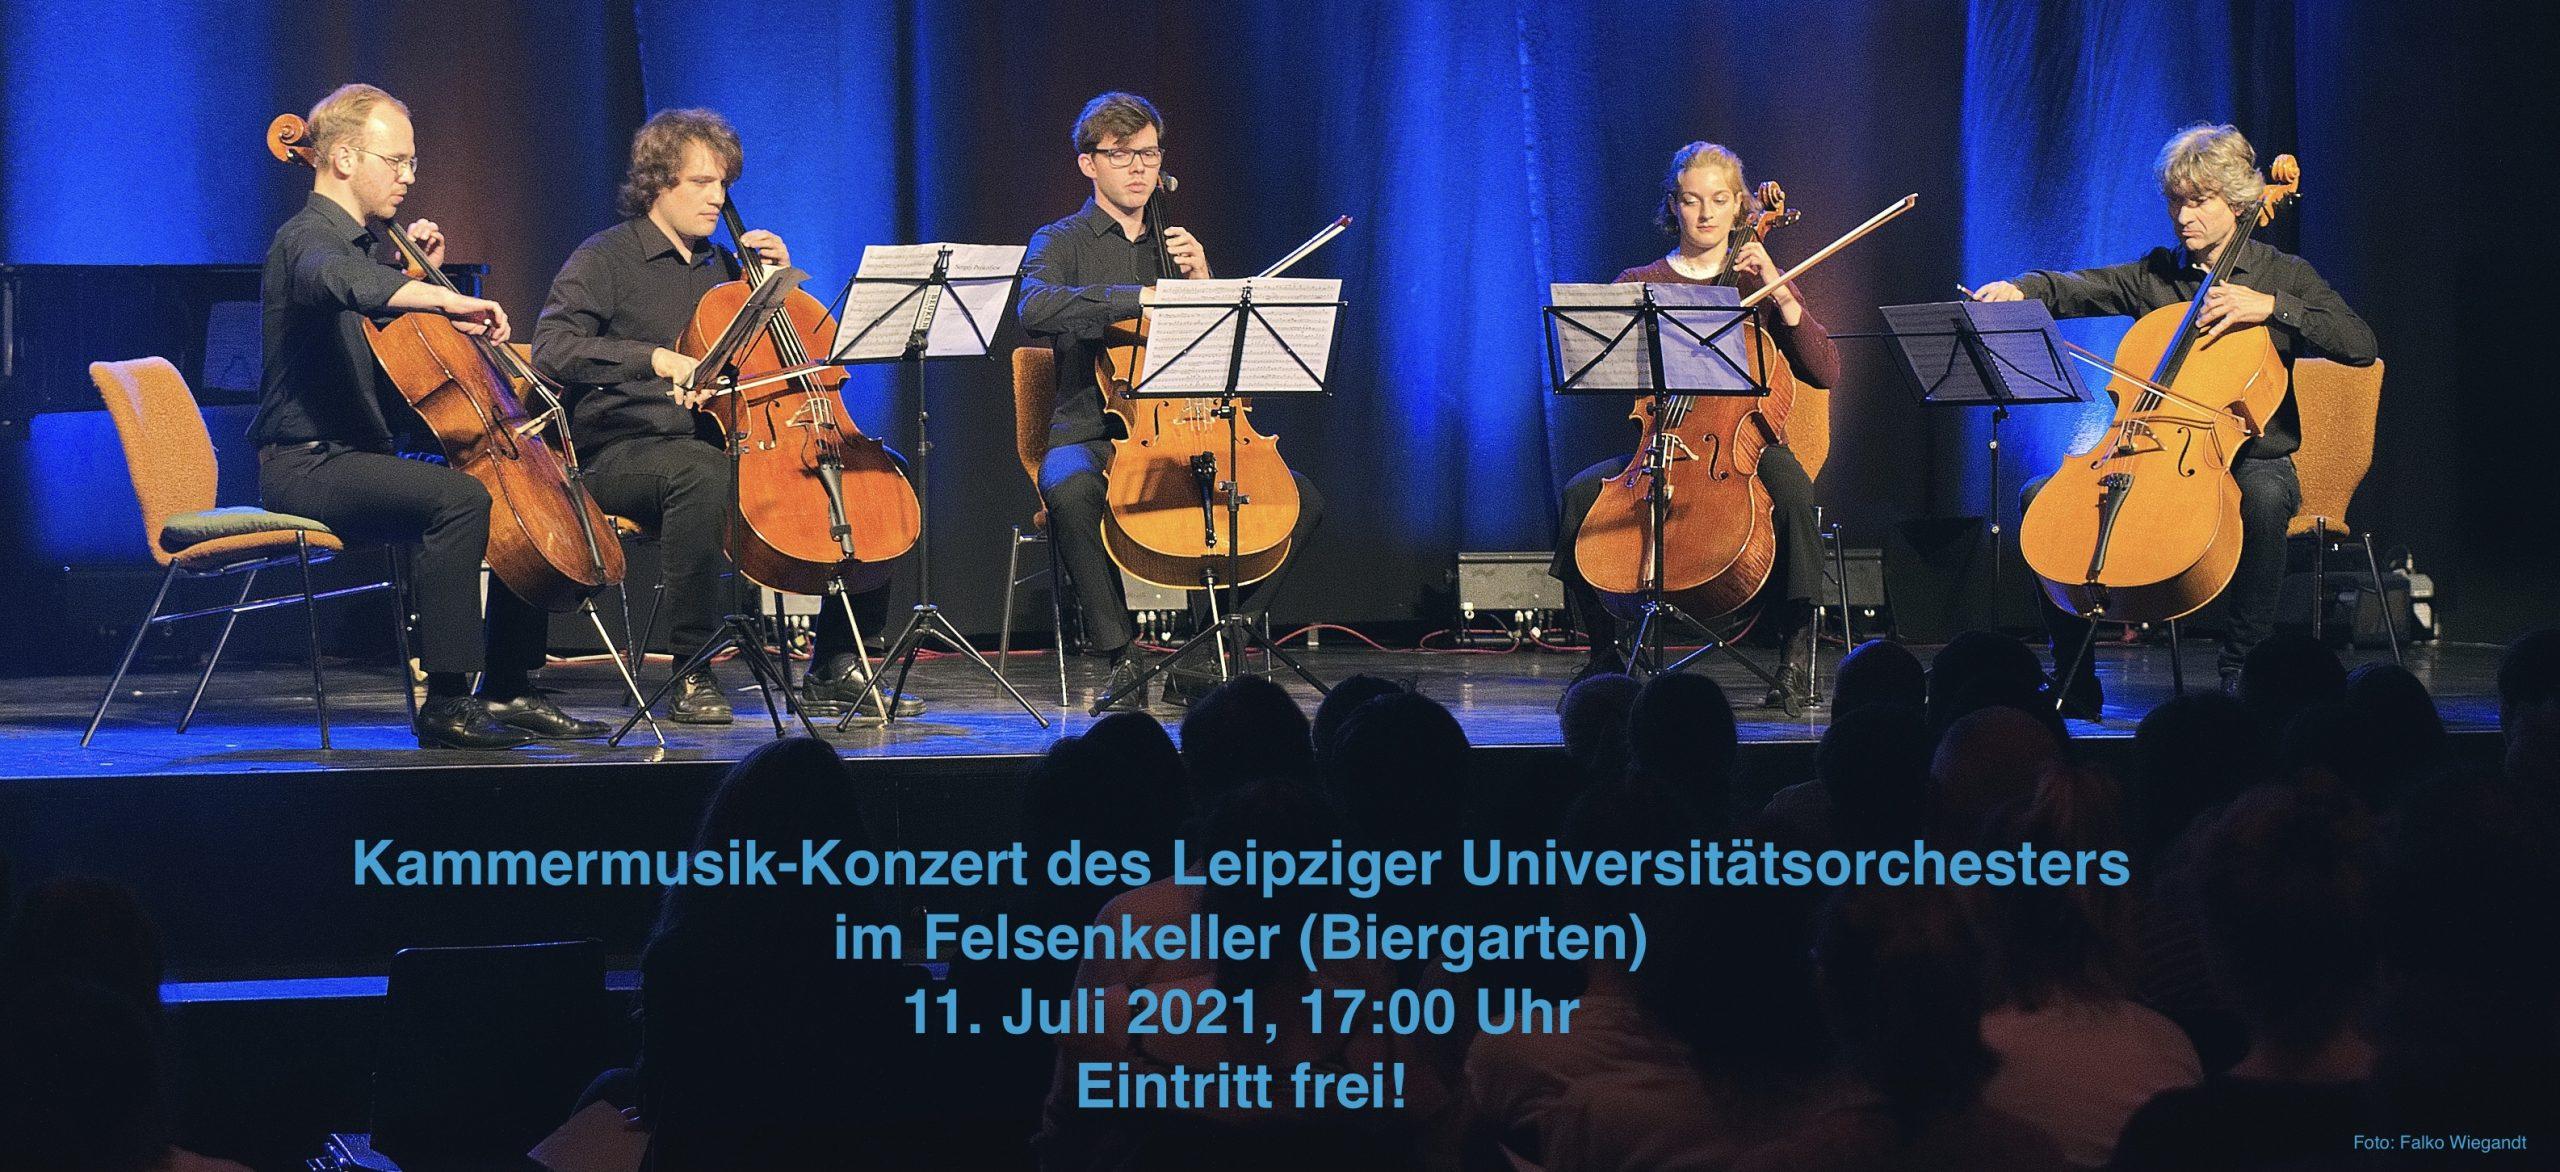 Kammermusik-Konzert des Leipziger Universitätsorchesters